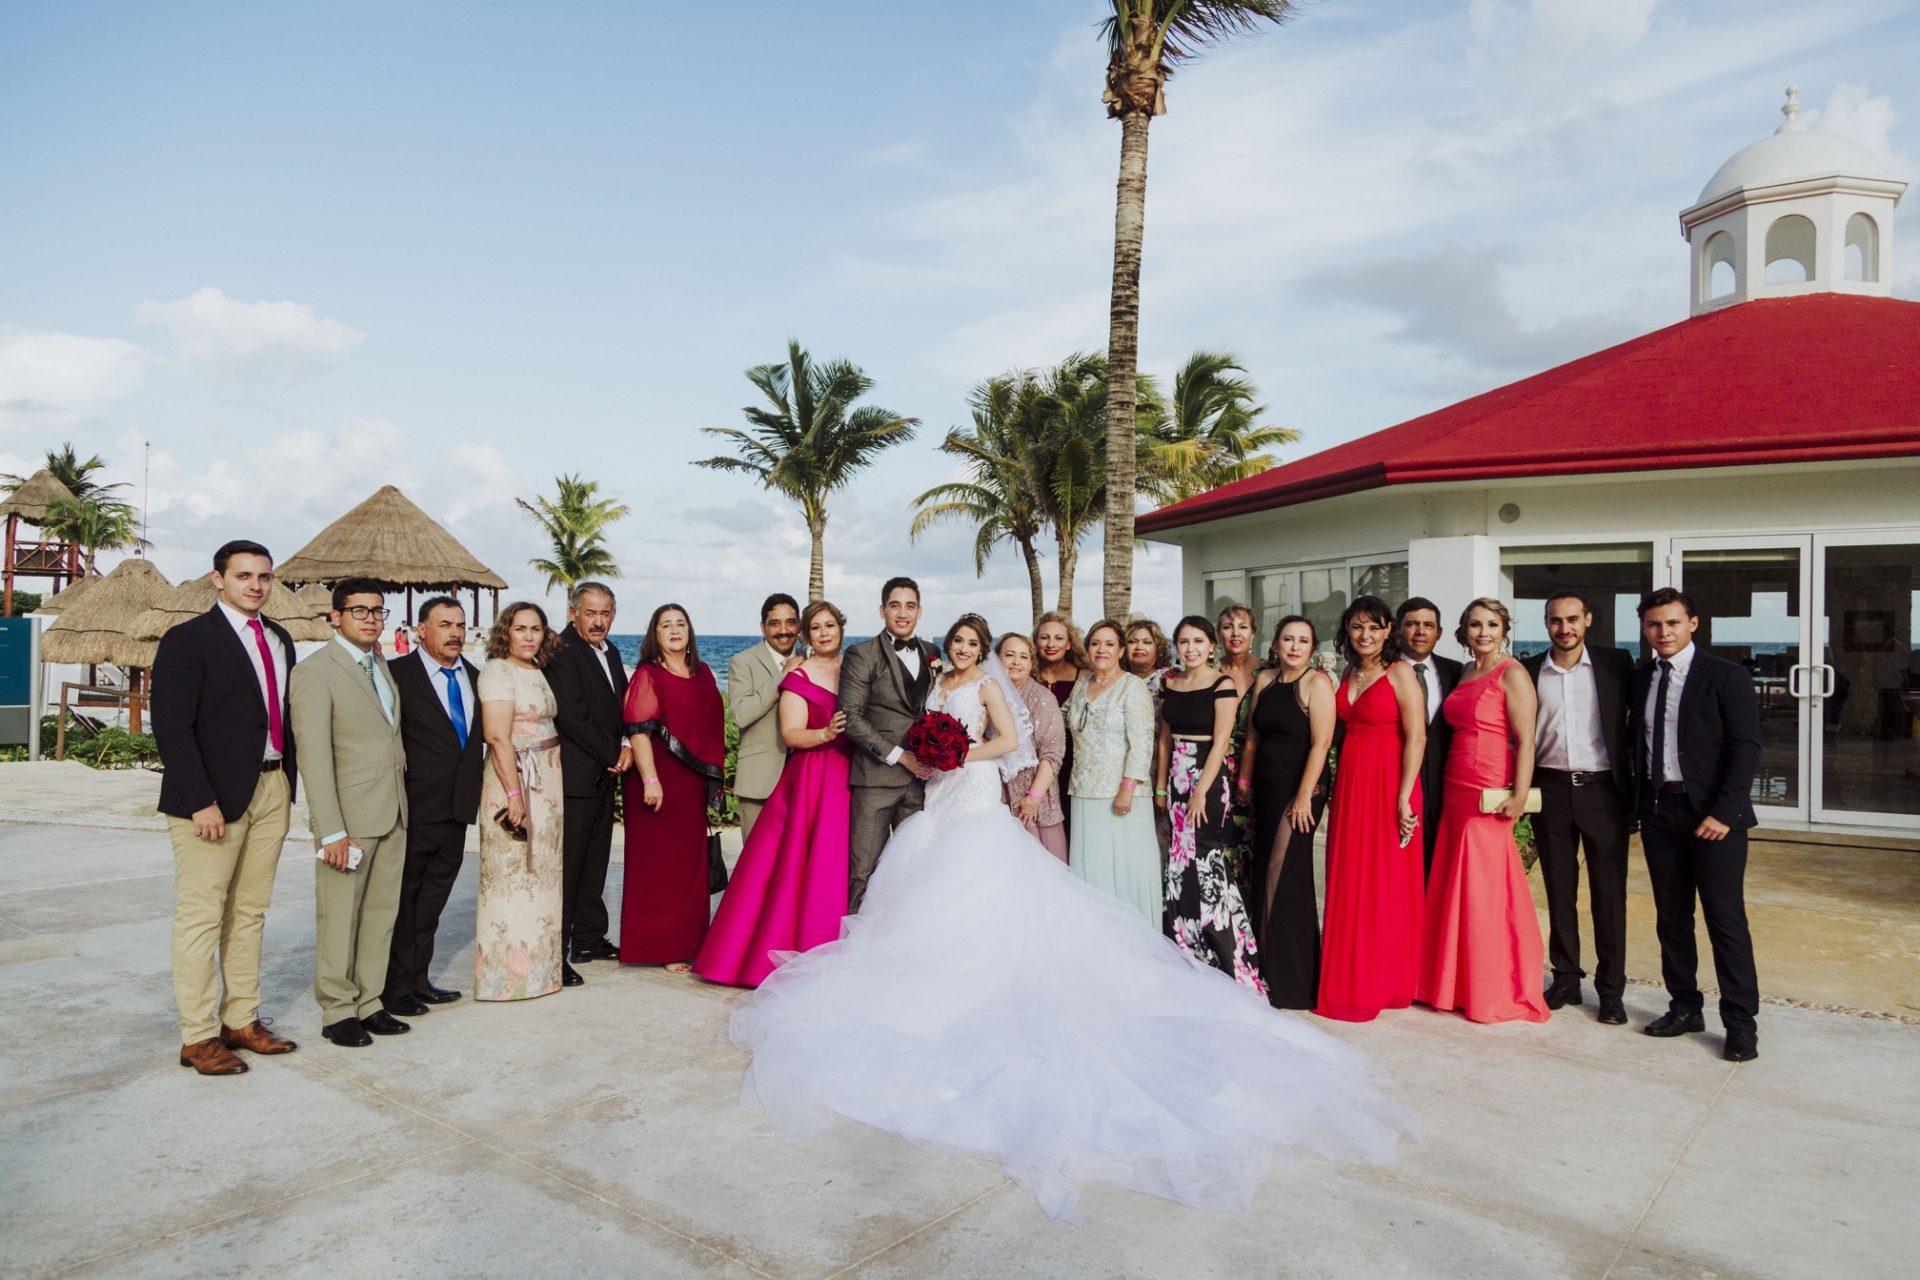 fotografo_bodas_profesional_zacatecas_riviera_maya_cancun-257